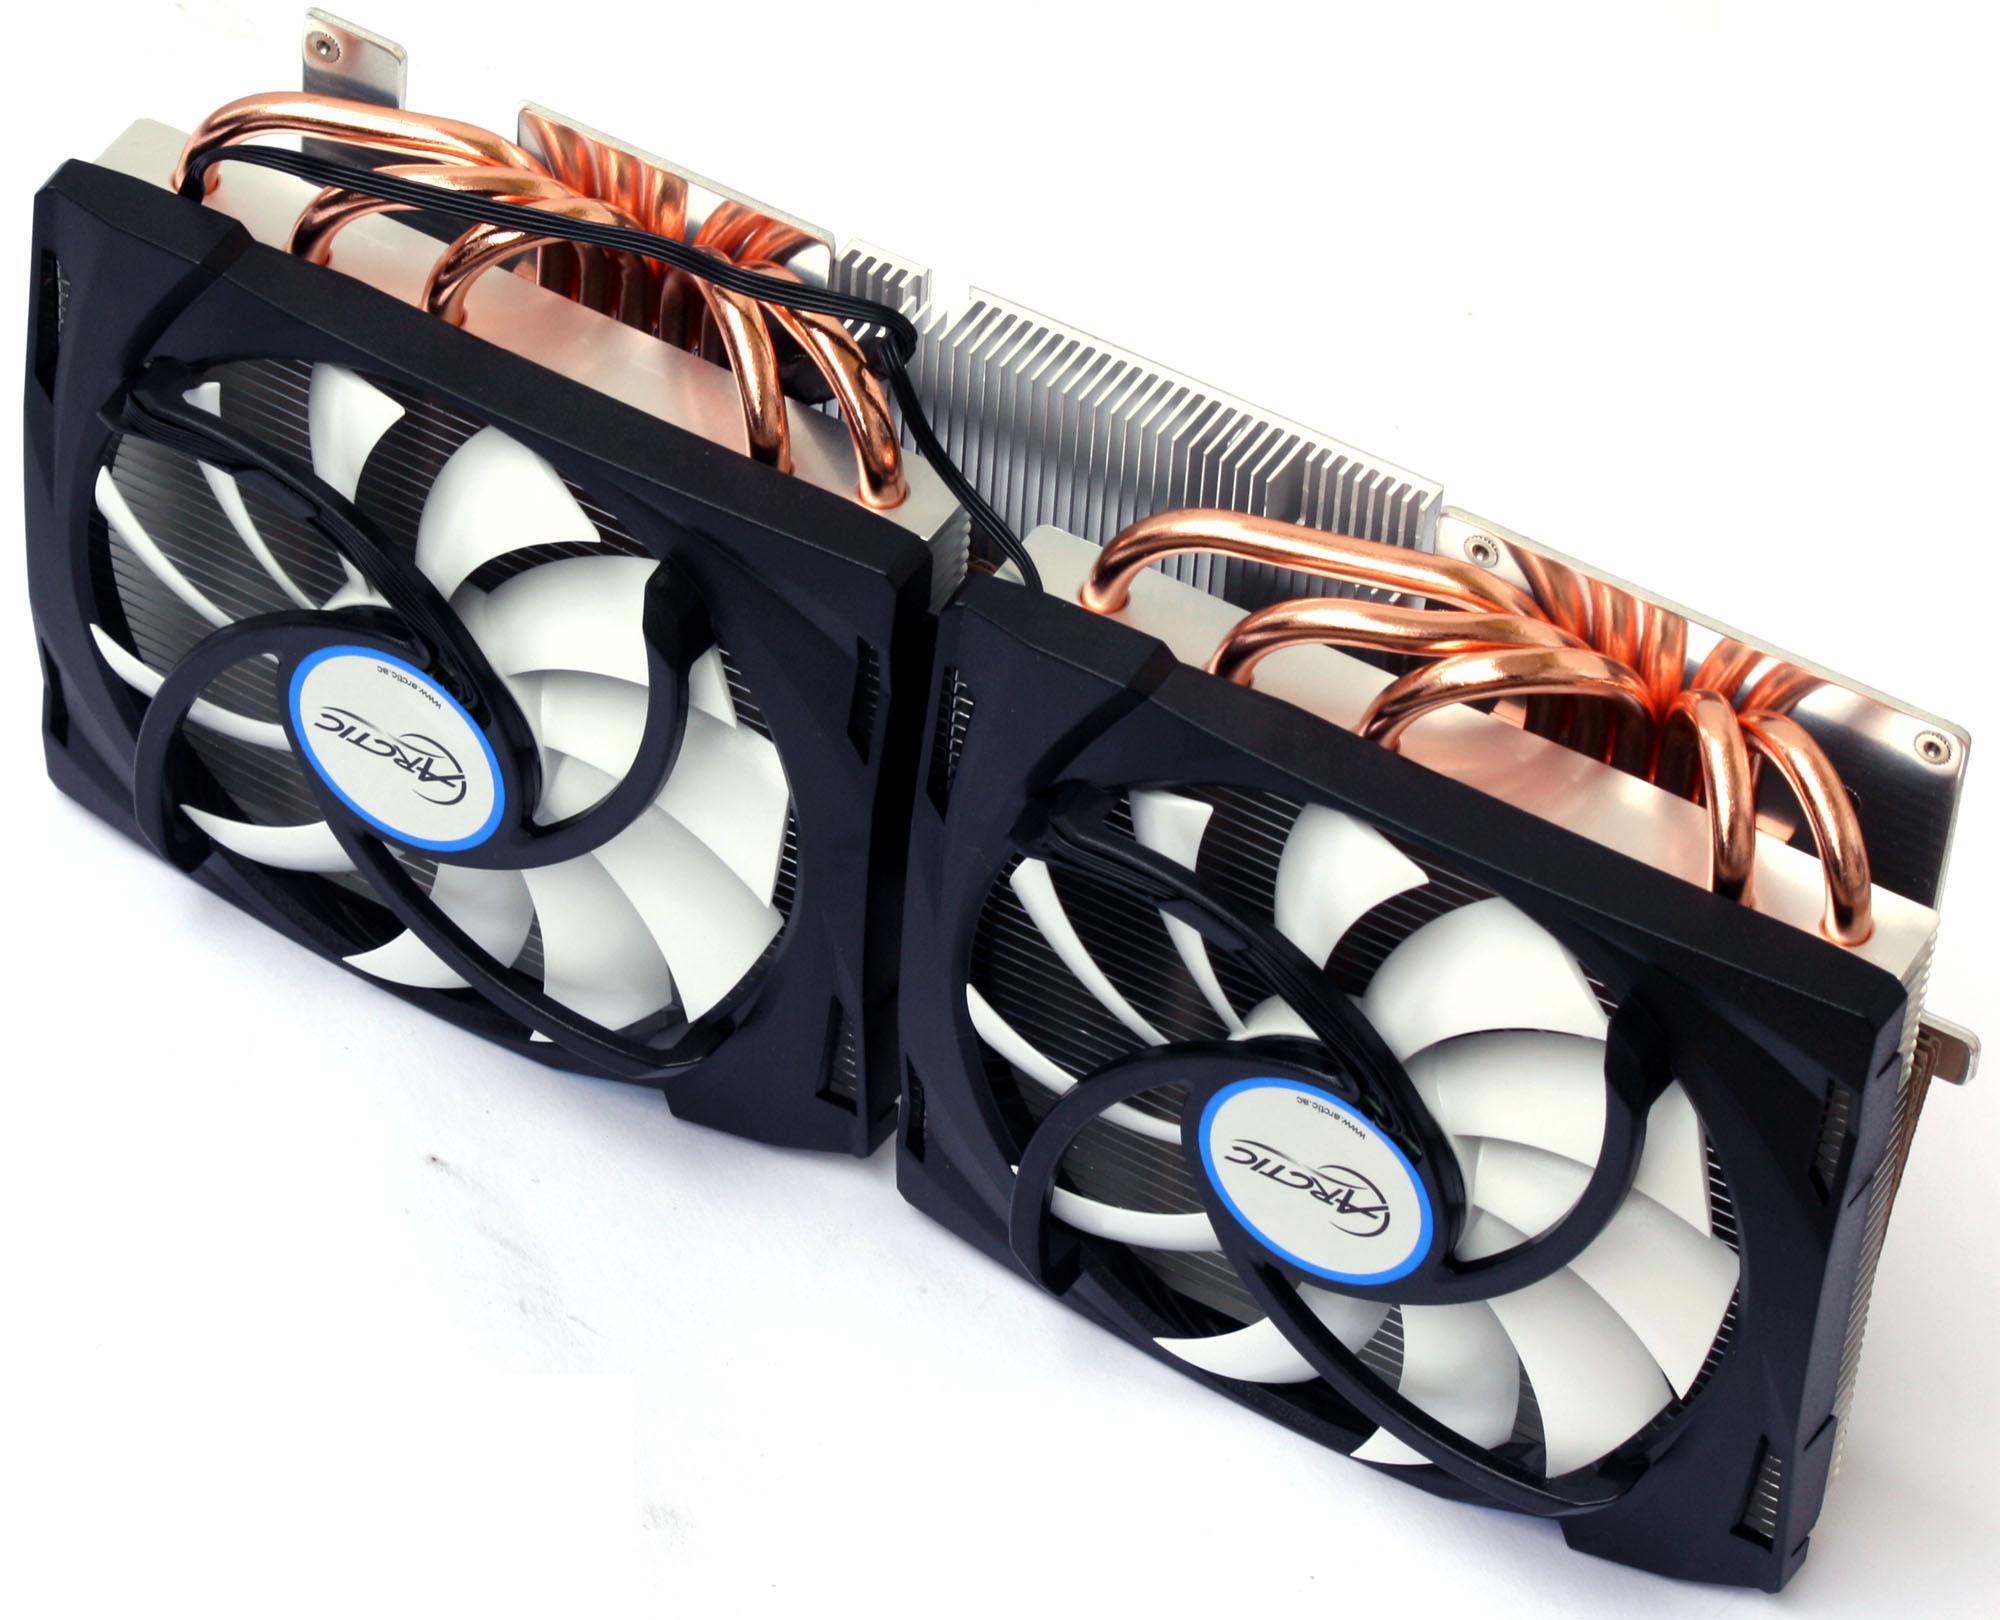 Accelero Twin Turbo 690 — nutnost pro majitele GTX 690